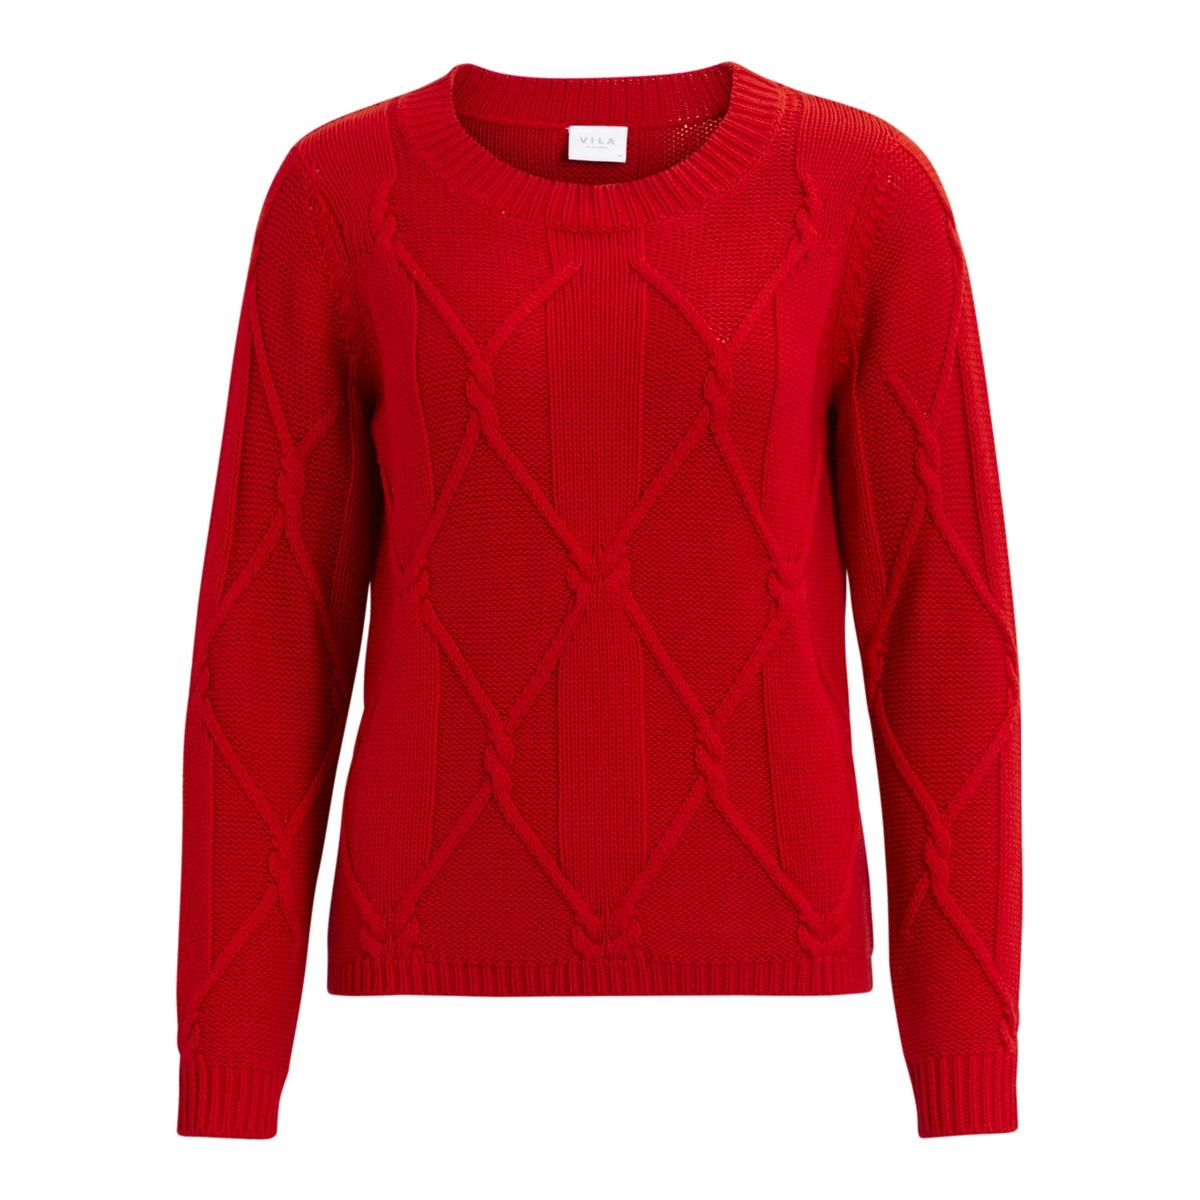 Пуловер с круглым вырезом из тонкого трикотажаДетали •  Длинные рукава •  Круглый вырез •  Тонкий трикотаж Состав и уход •  50% акрила, 50% хлопка •  Следуйте советам по уходу, указанным на этикетке<br><br>Цвет: красный<br>Размер: L